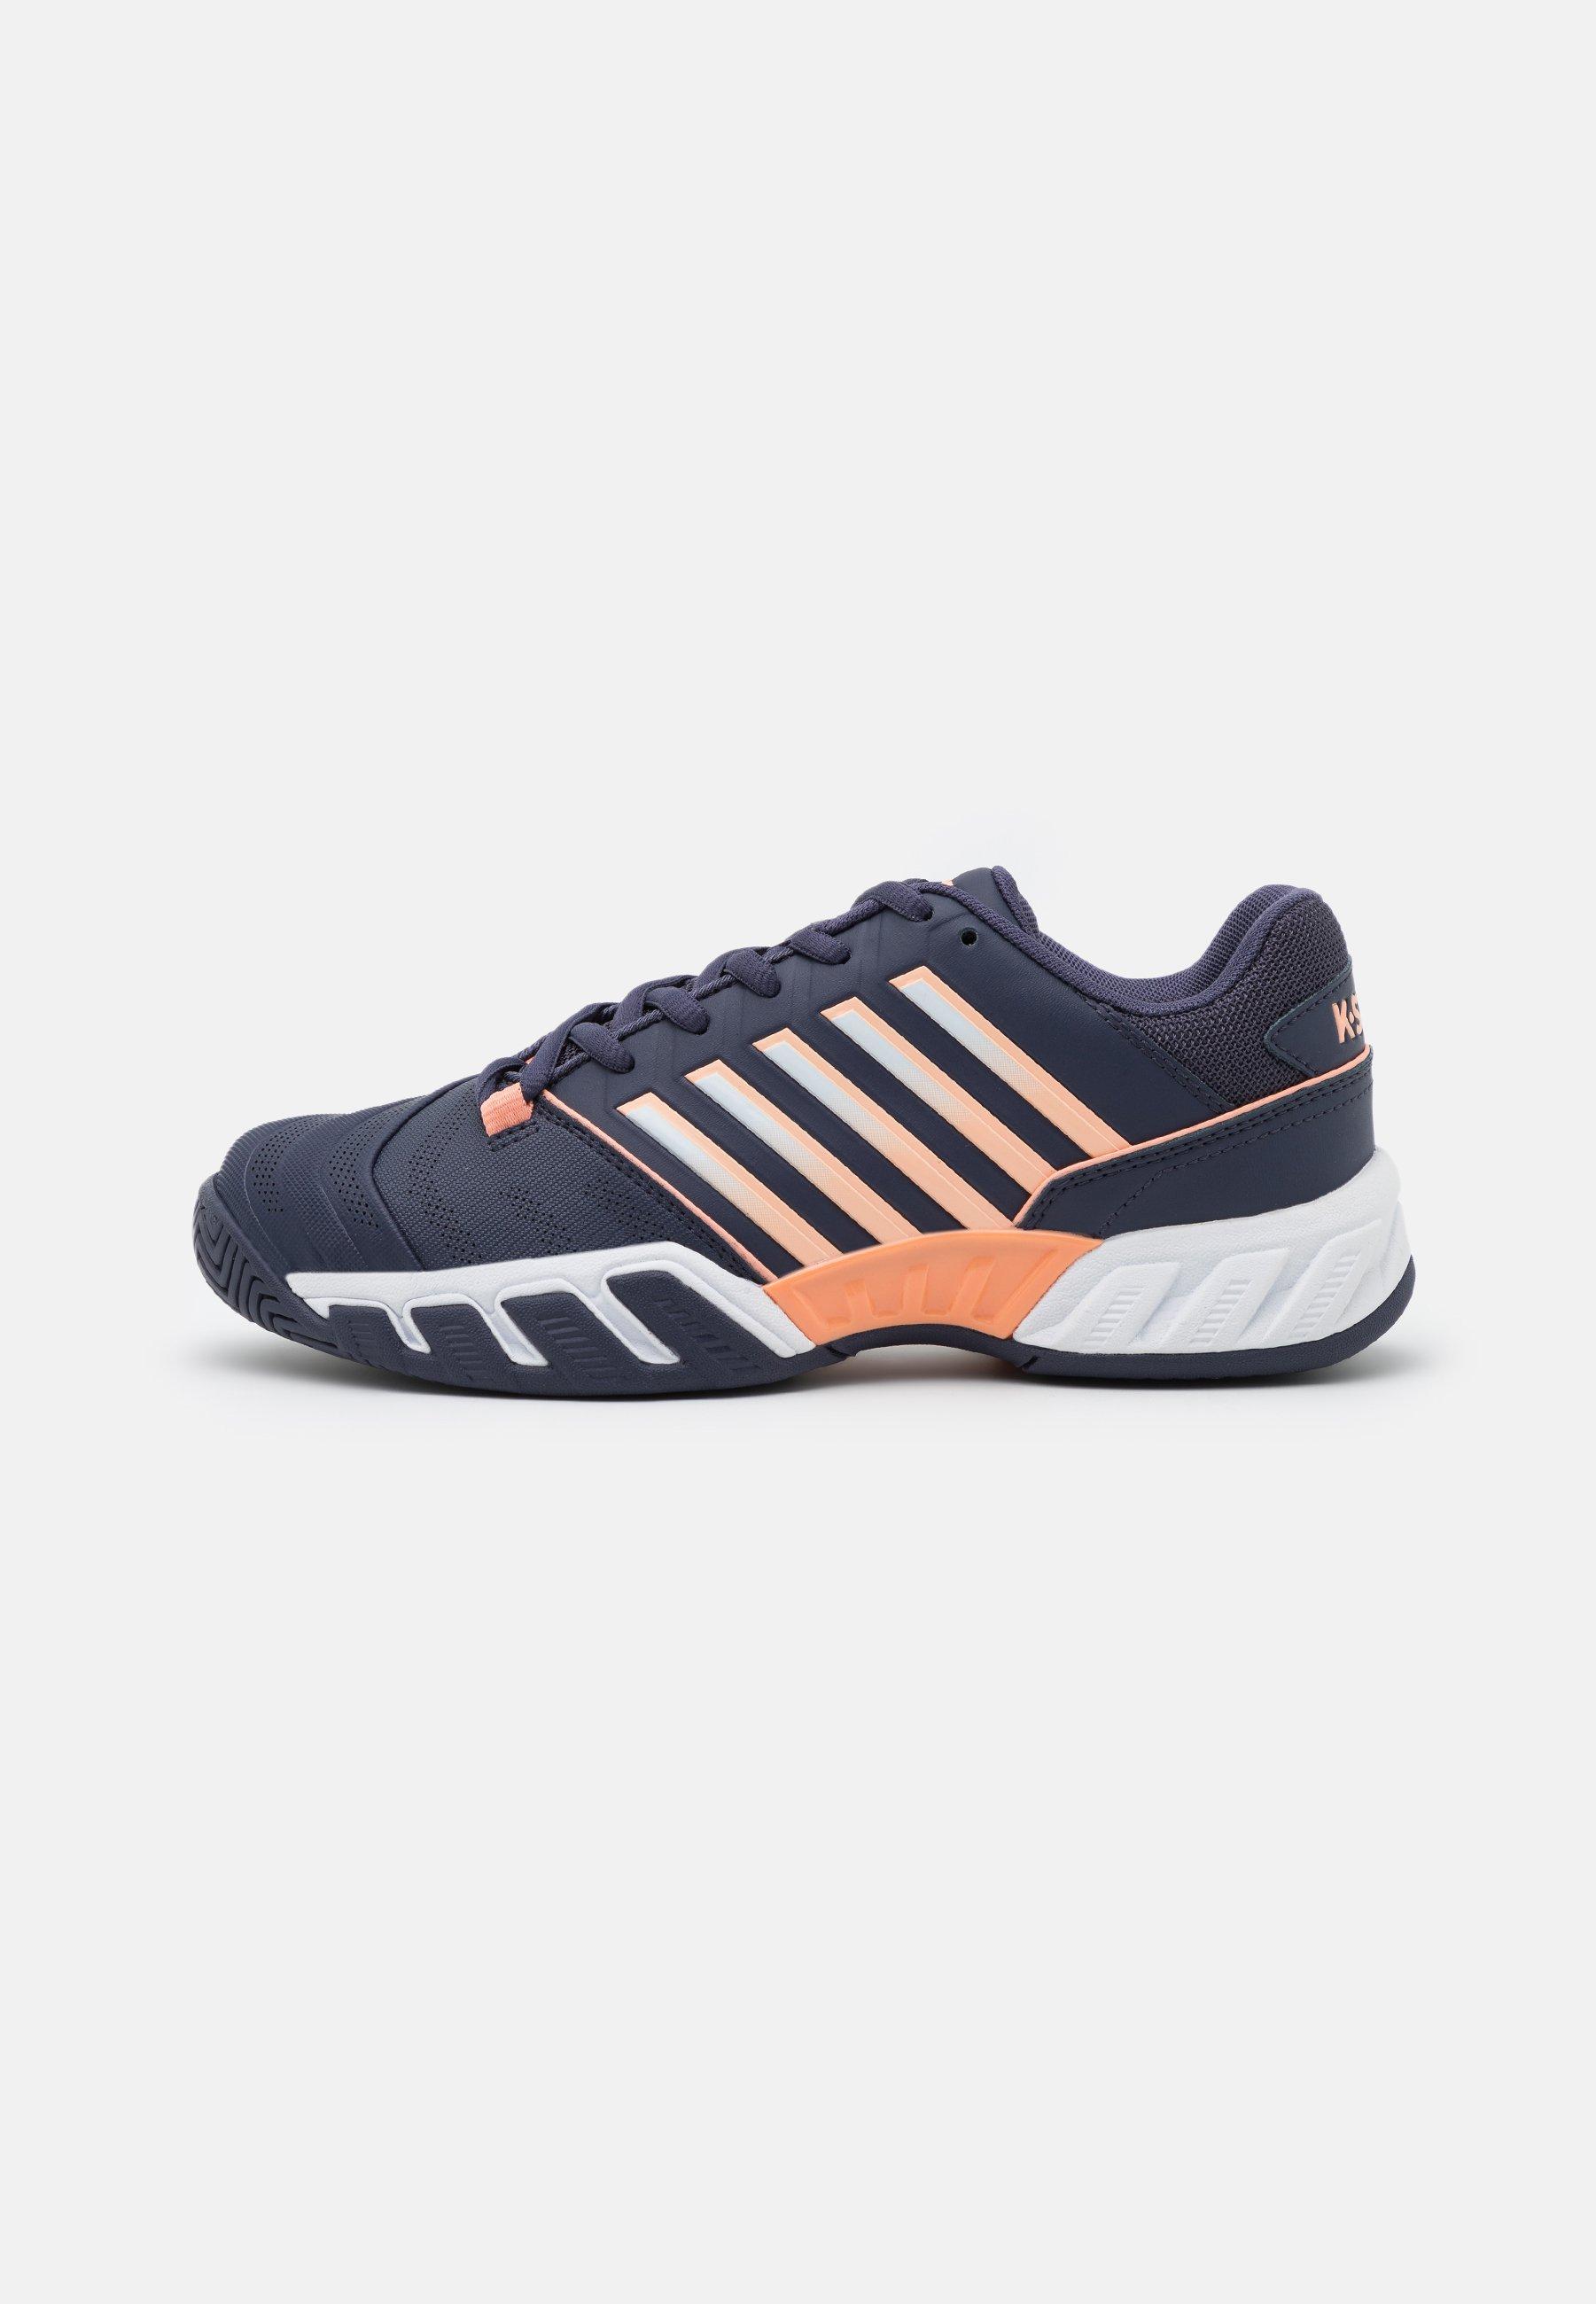 Femme BIGSHOT LIGHT 4 - Chaussures de tennis toutes surfaces